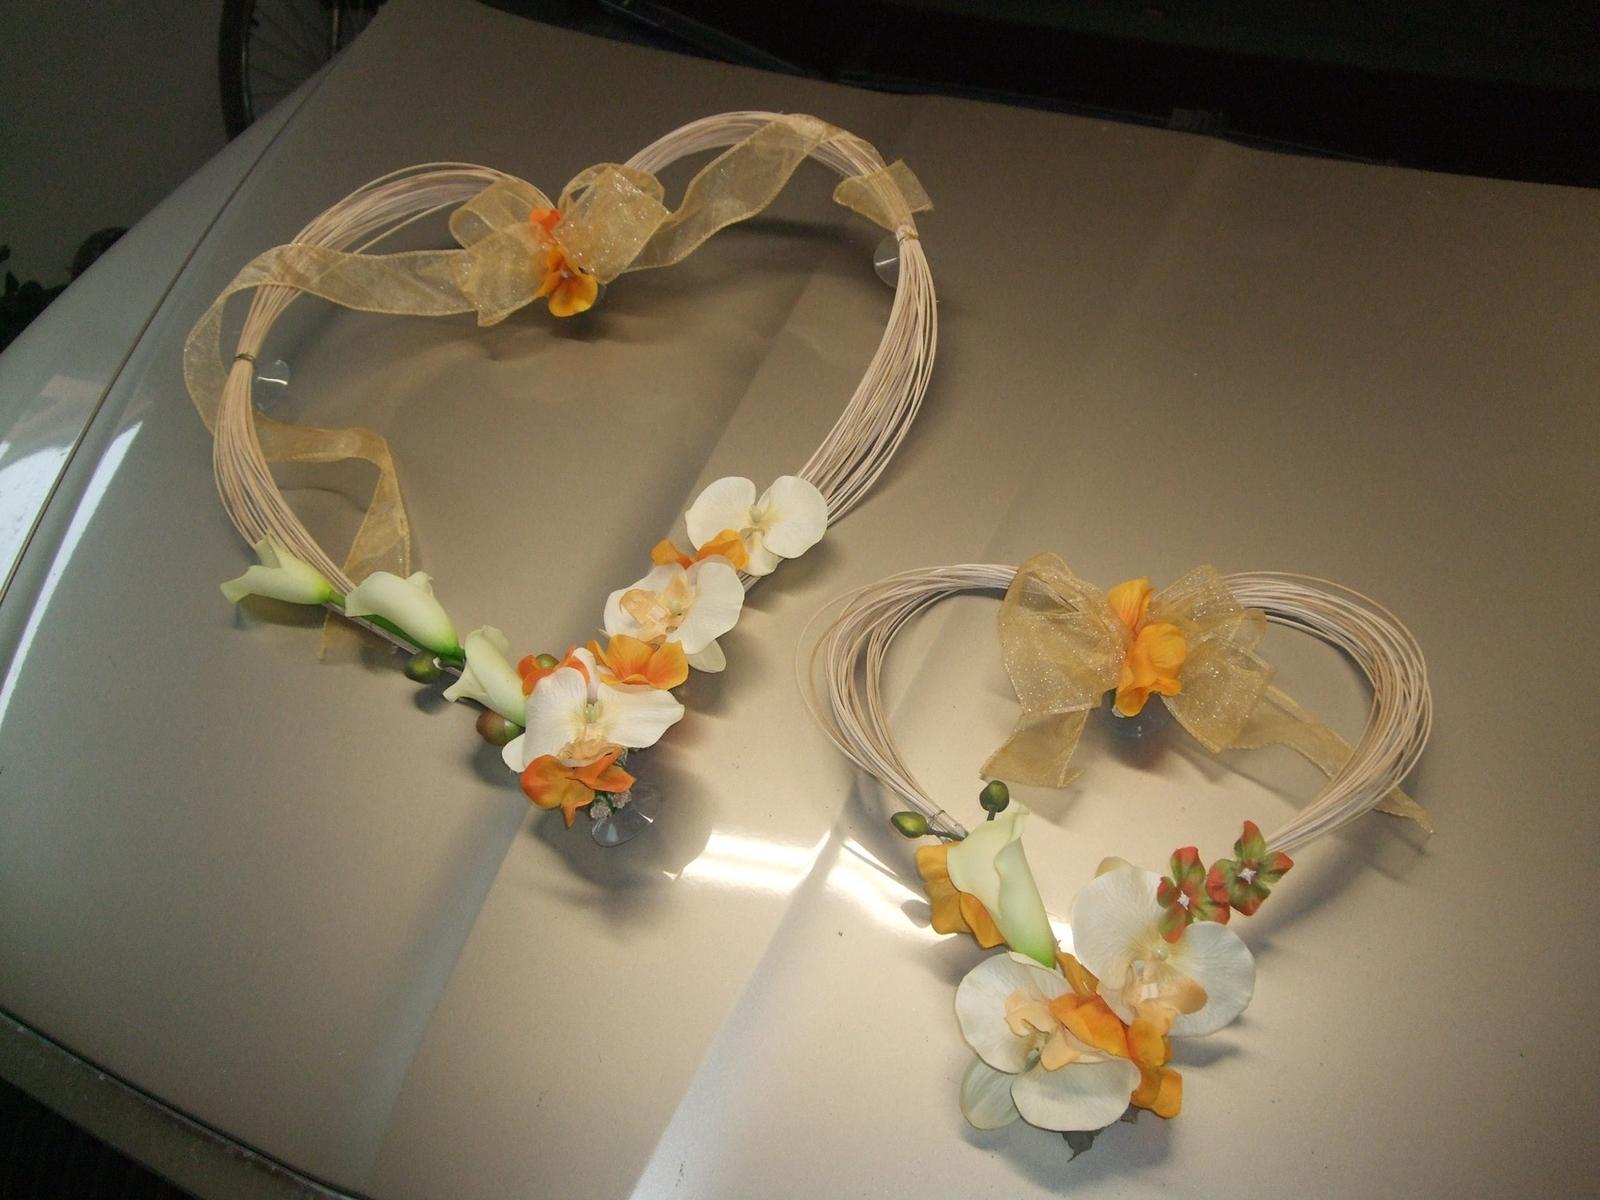 26.04.2014.......a bude svadba - Praca mojej skvelej sestri....na moje auticko